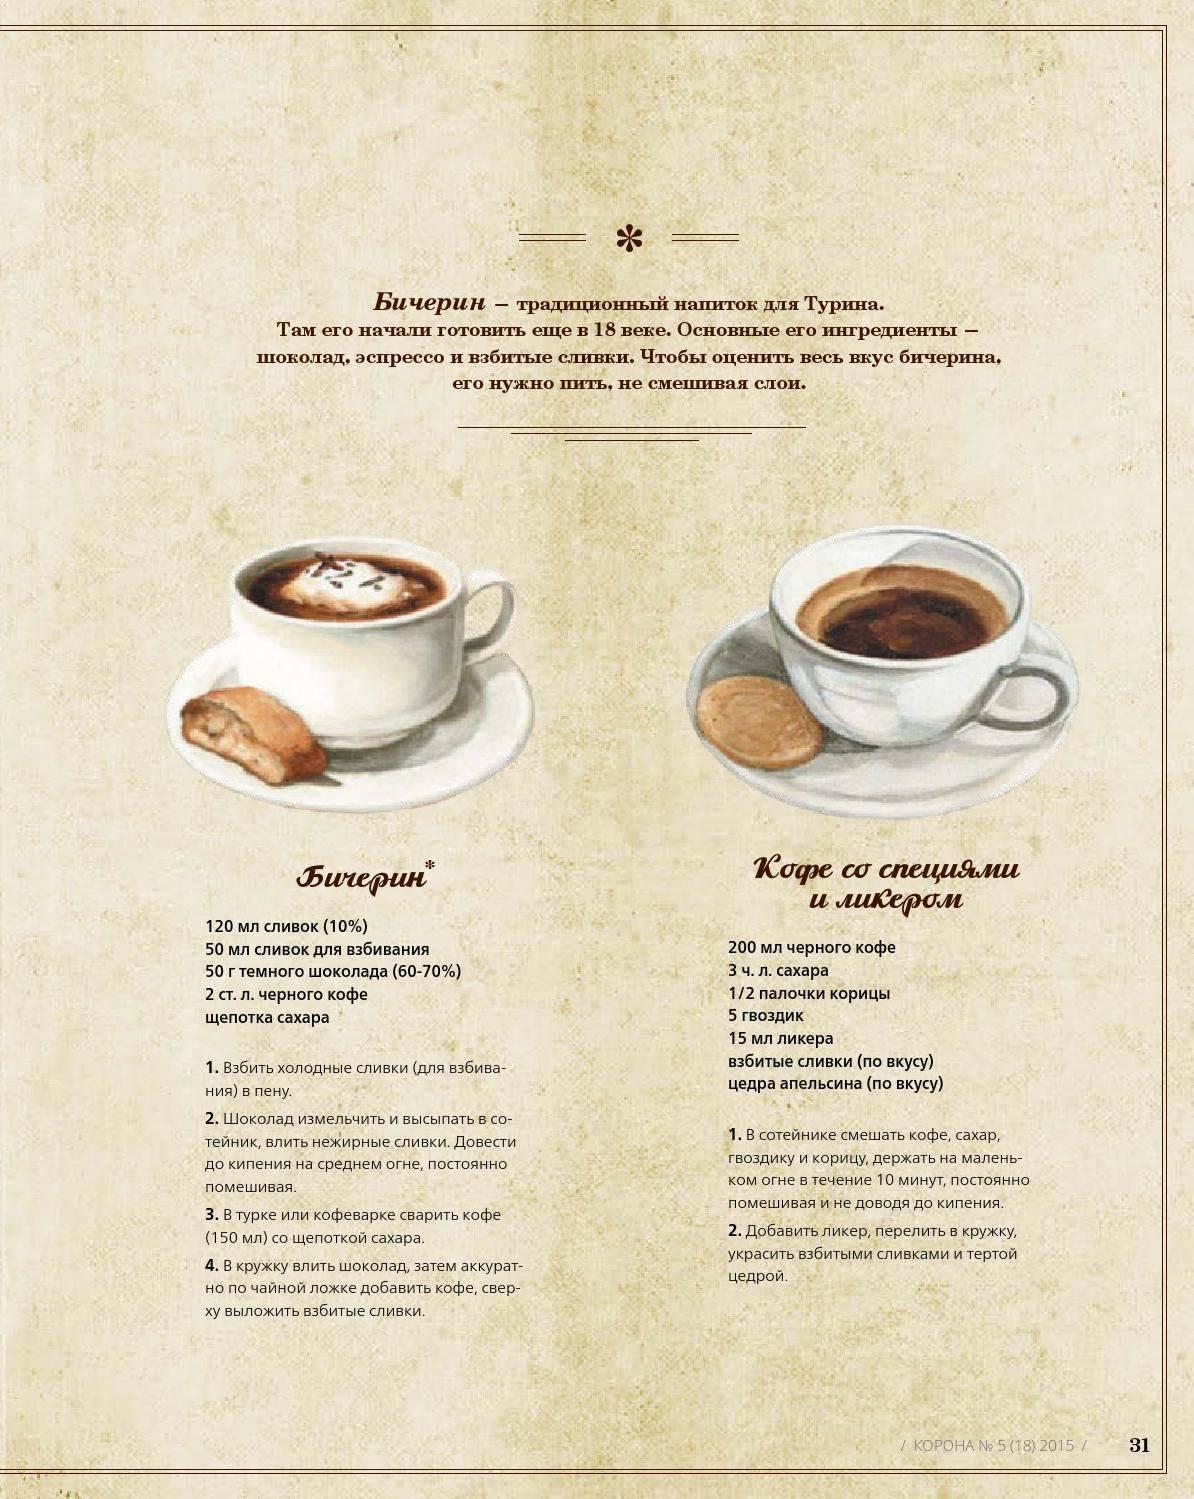 Кофе бичерин: происхождение, приготовление и подача